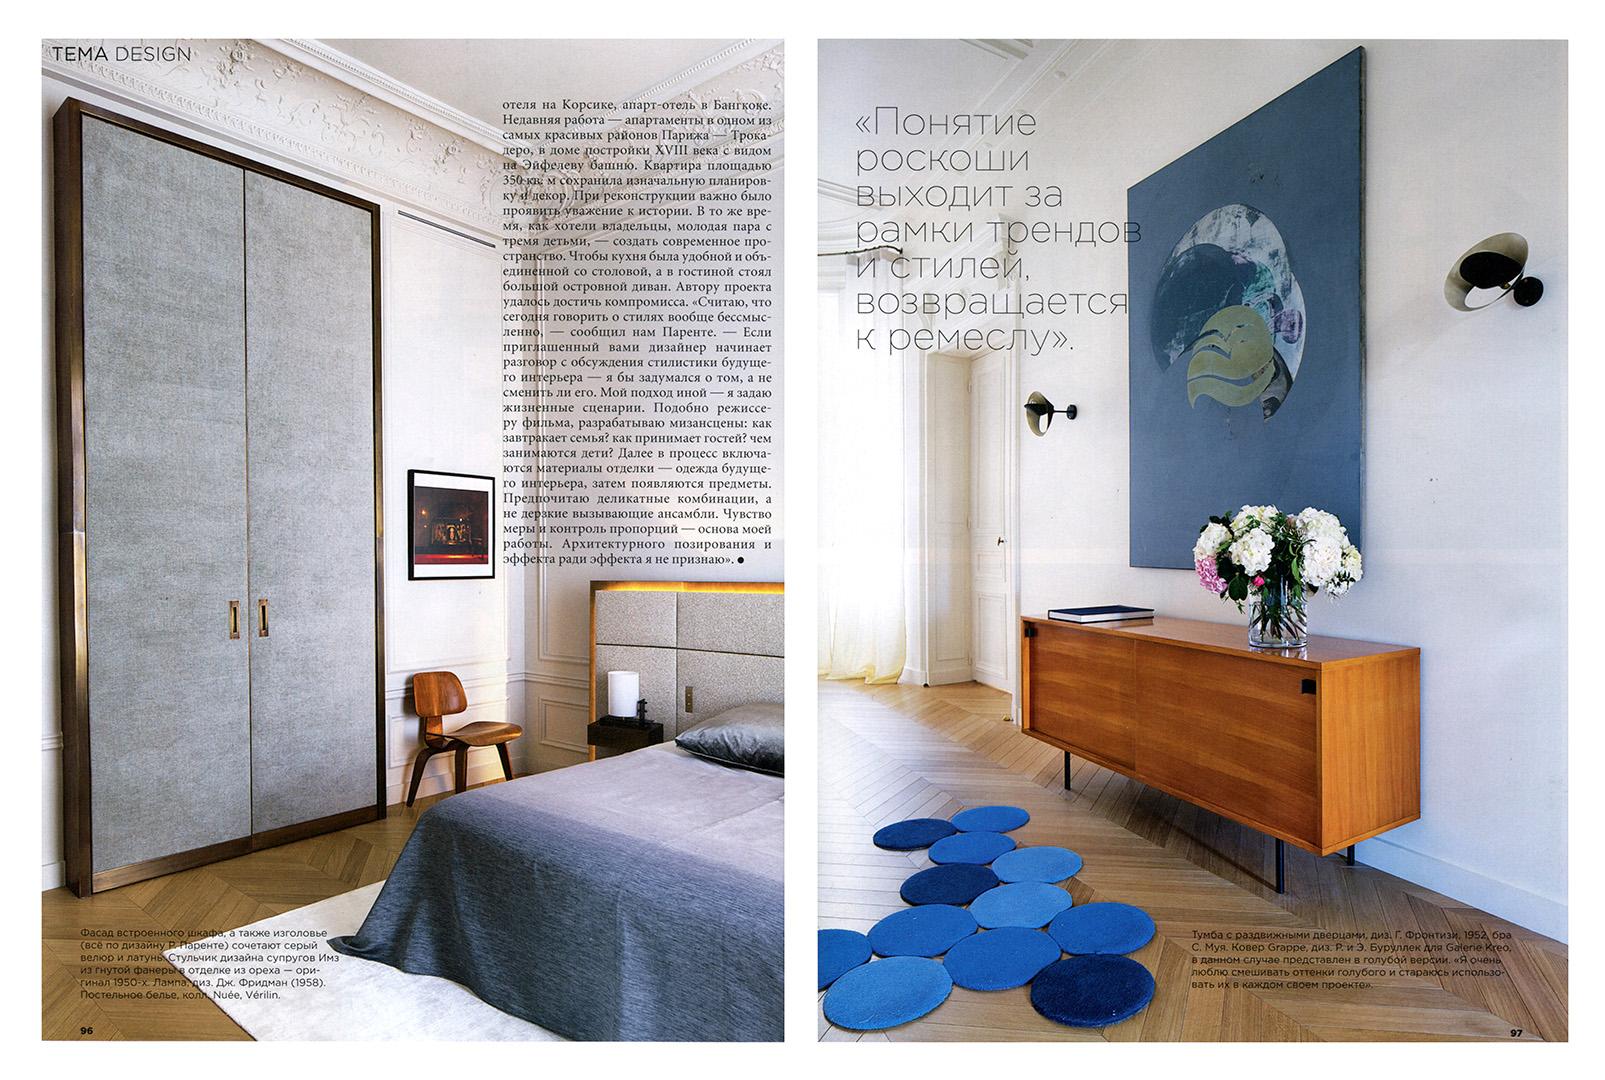 Rodolphe-Parente-Interior-Design-Magazine-2015-04